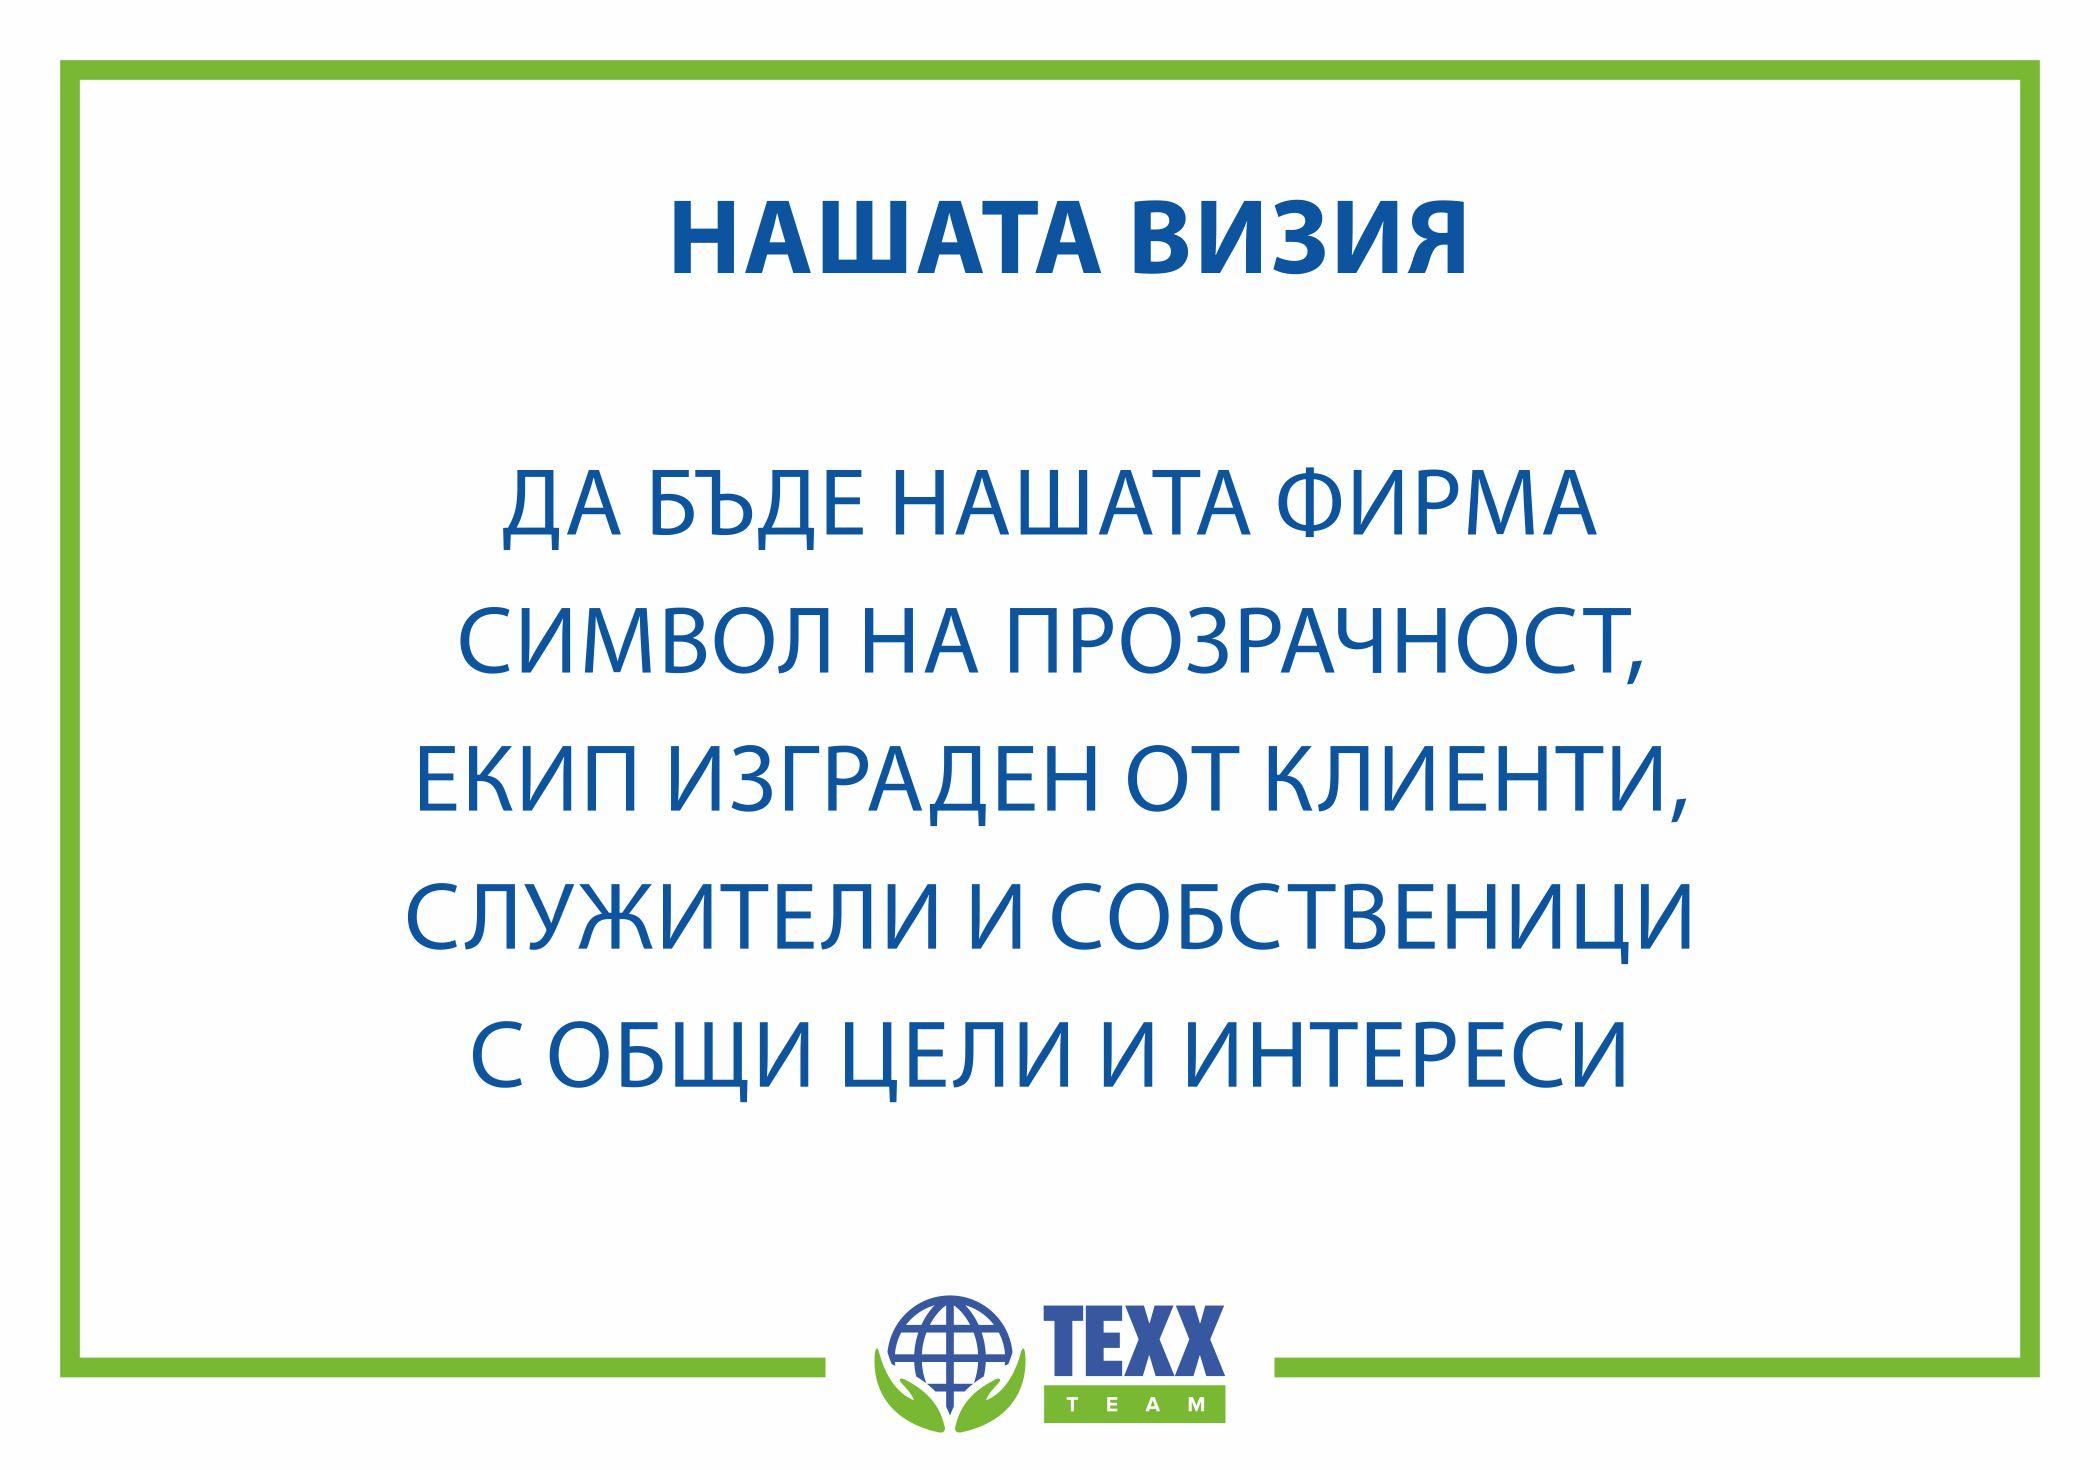 Texx Team Vision